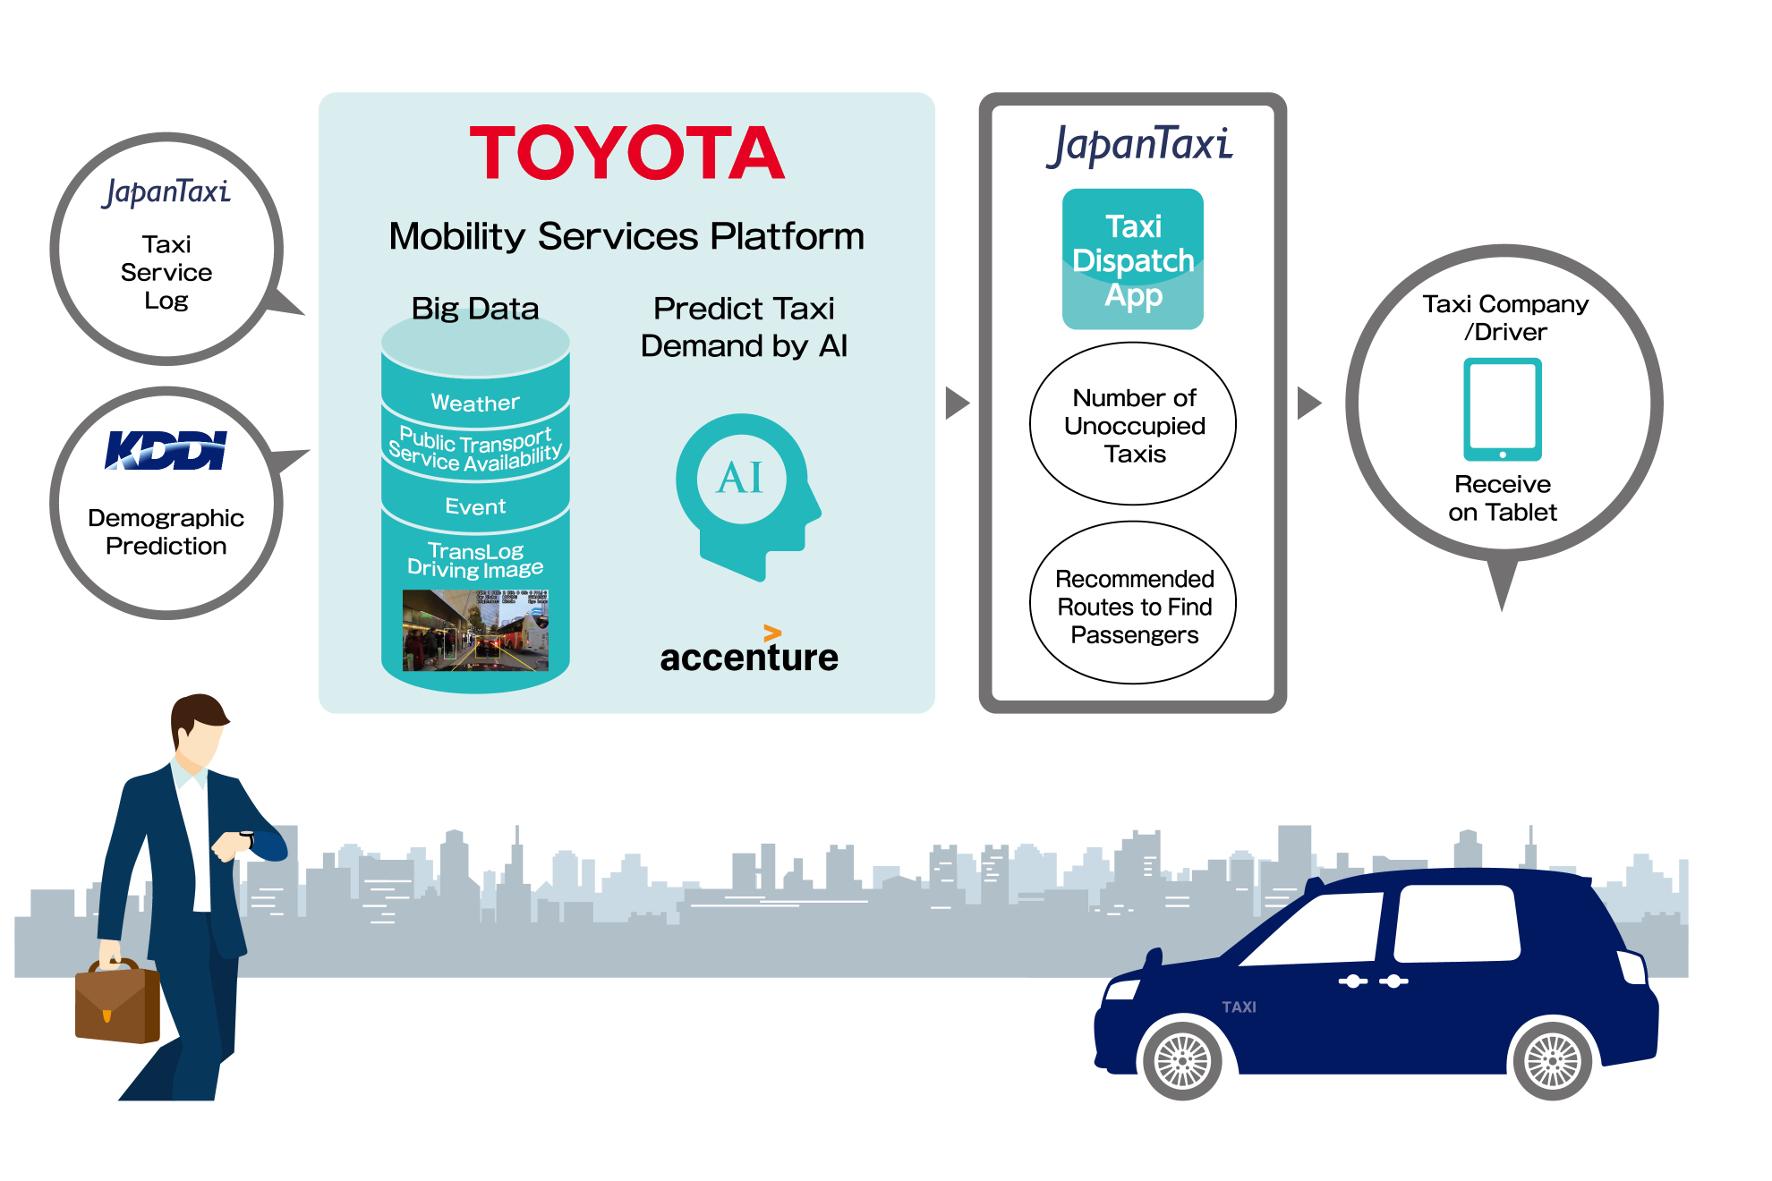 mid Groß-Gerau - Mit einem neuen System von Toyota sollen lange Taxi-Wartezeiten schon bald der Vergangenheit angehören. Toyota